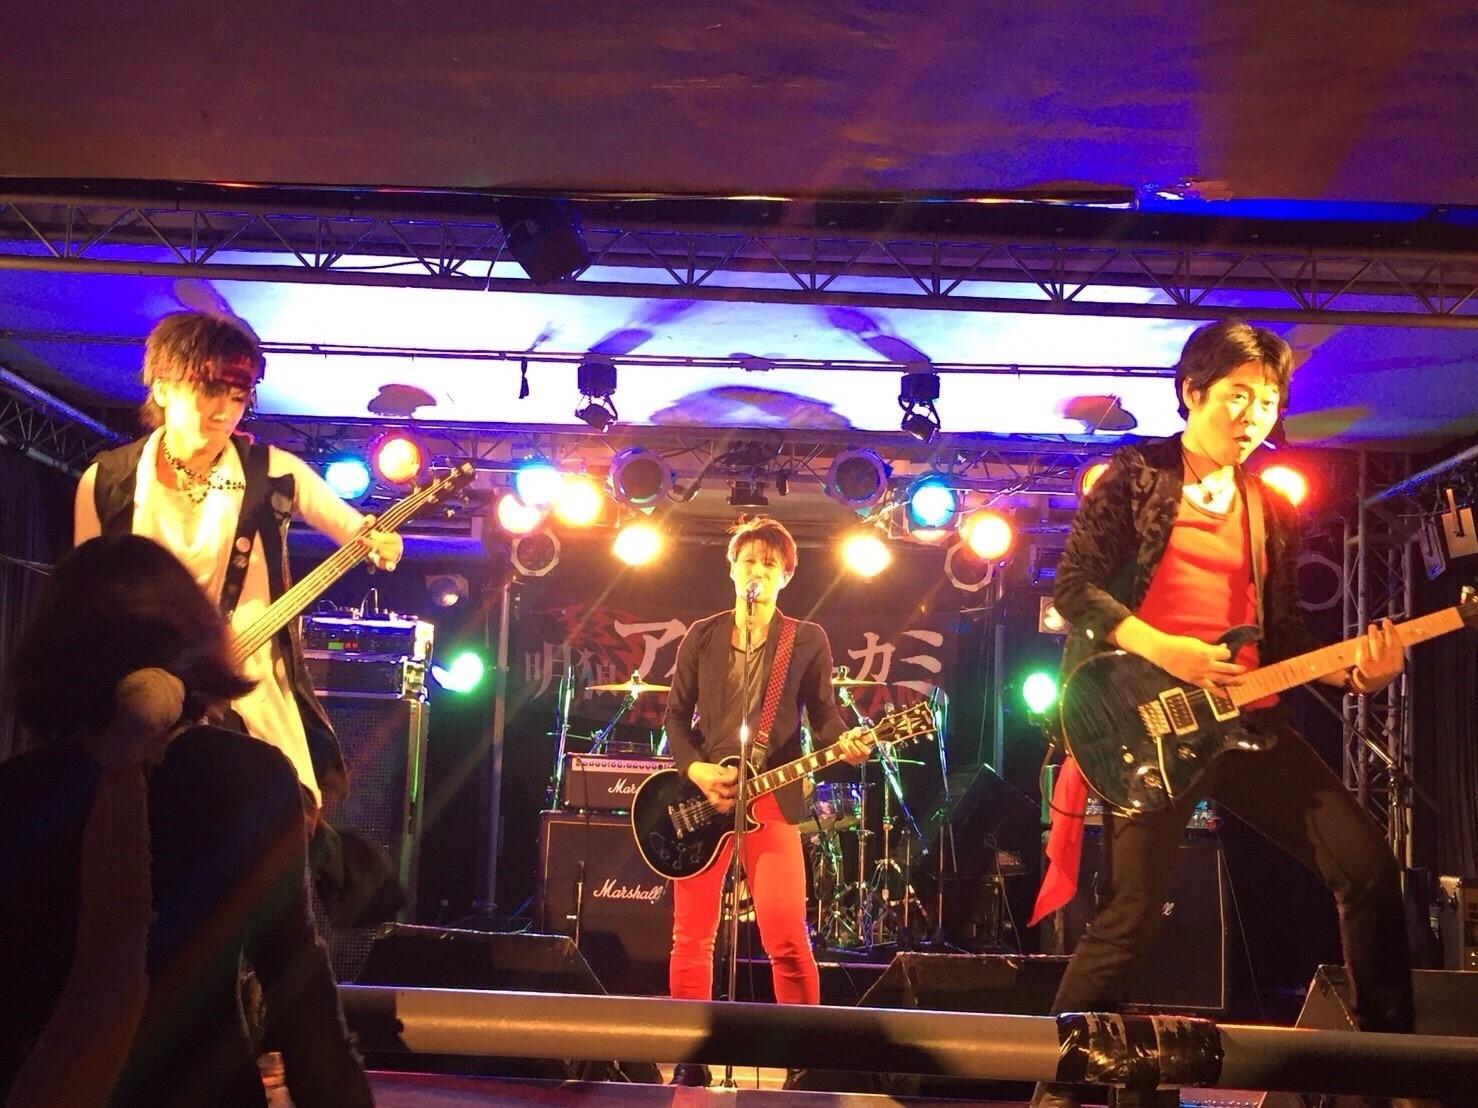 4月9日堺東Goithはアケノオオカミで出演します!_d0164135_01365654.jpg